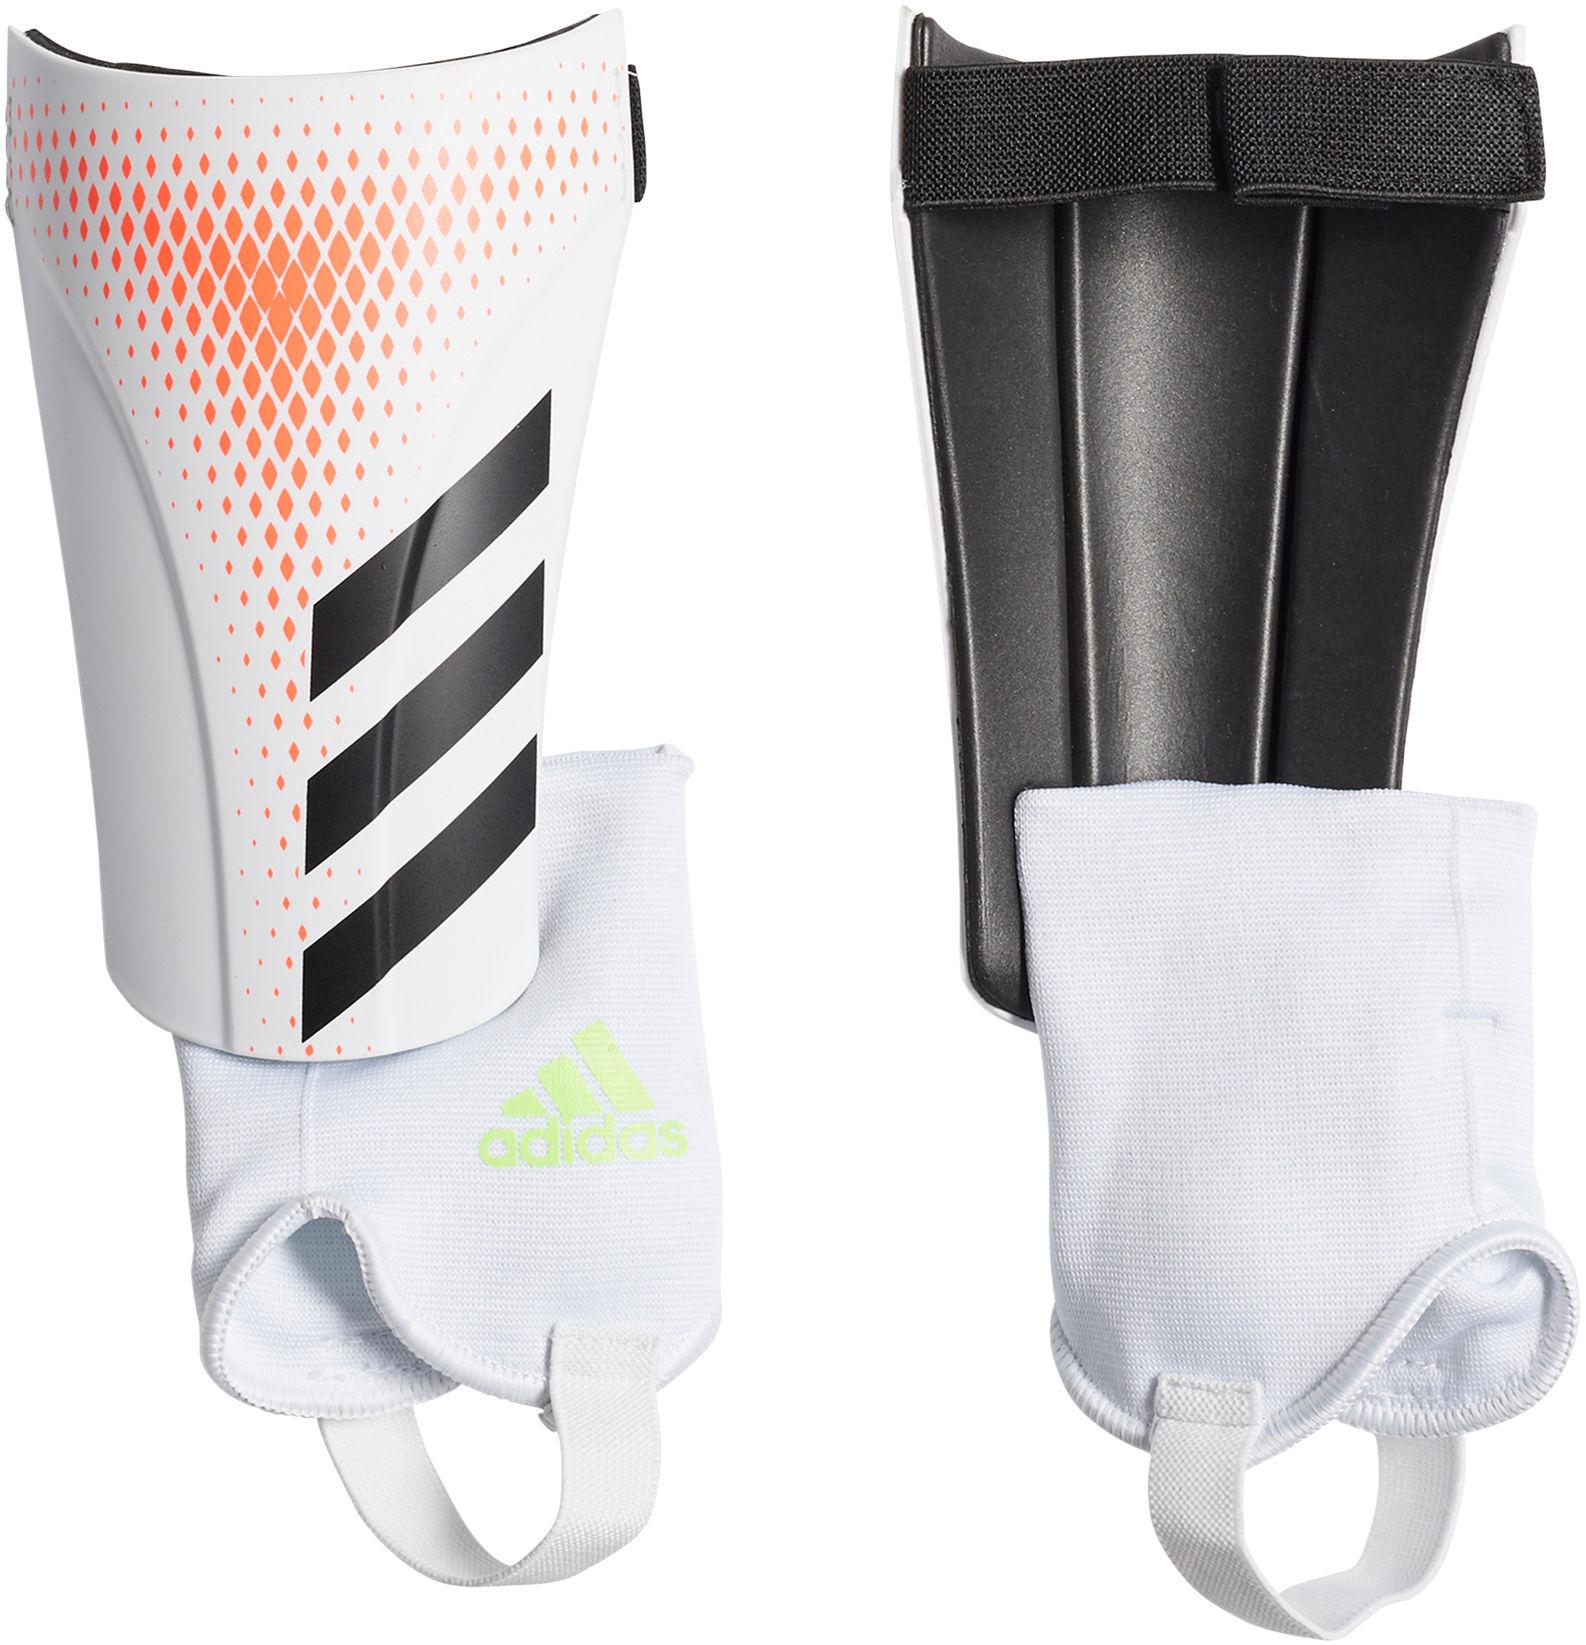 Chrániče adidas PRED20 SG MTC